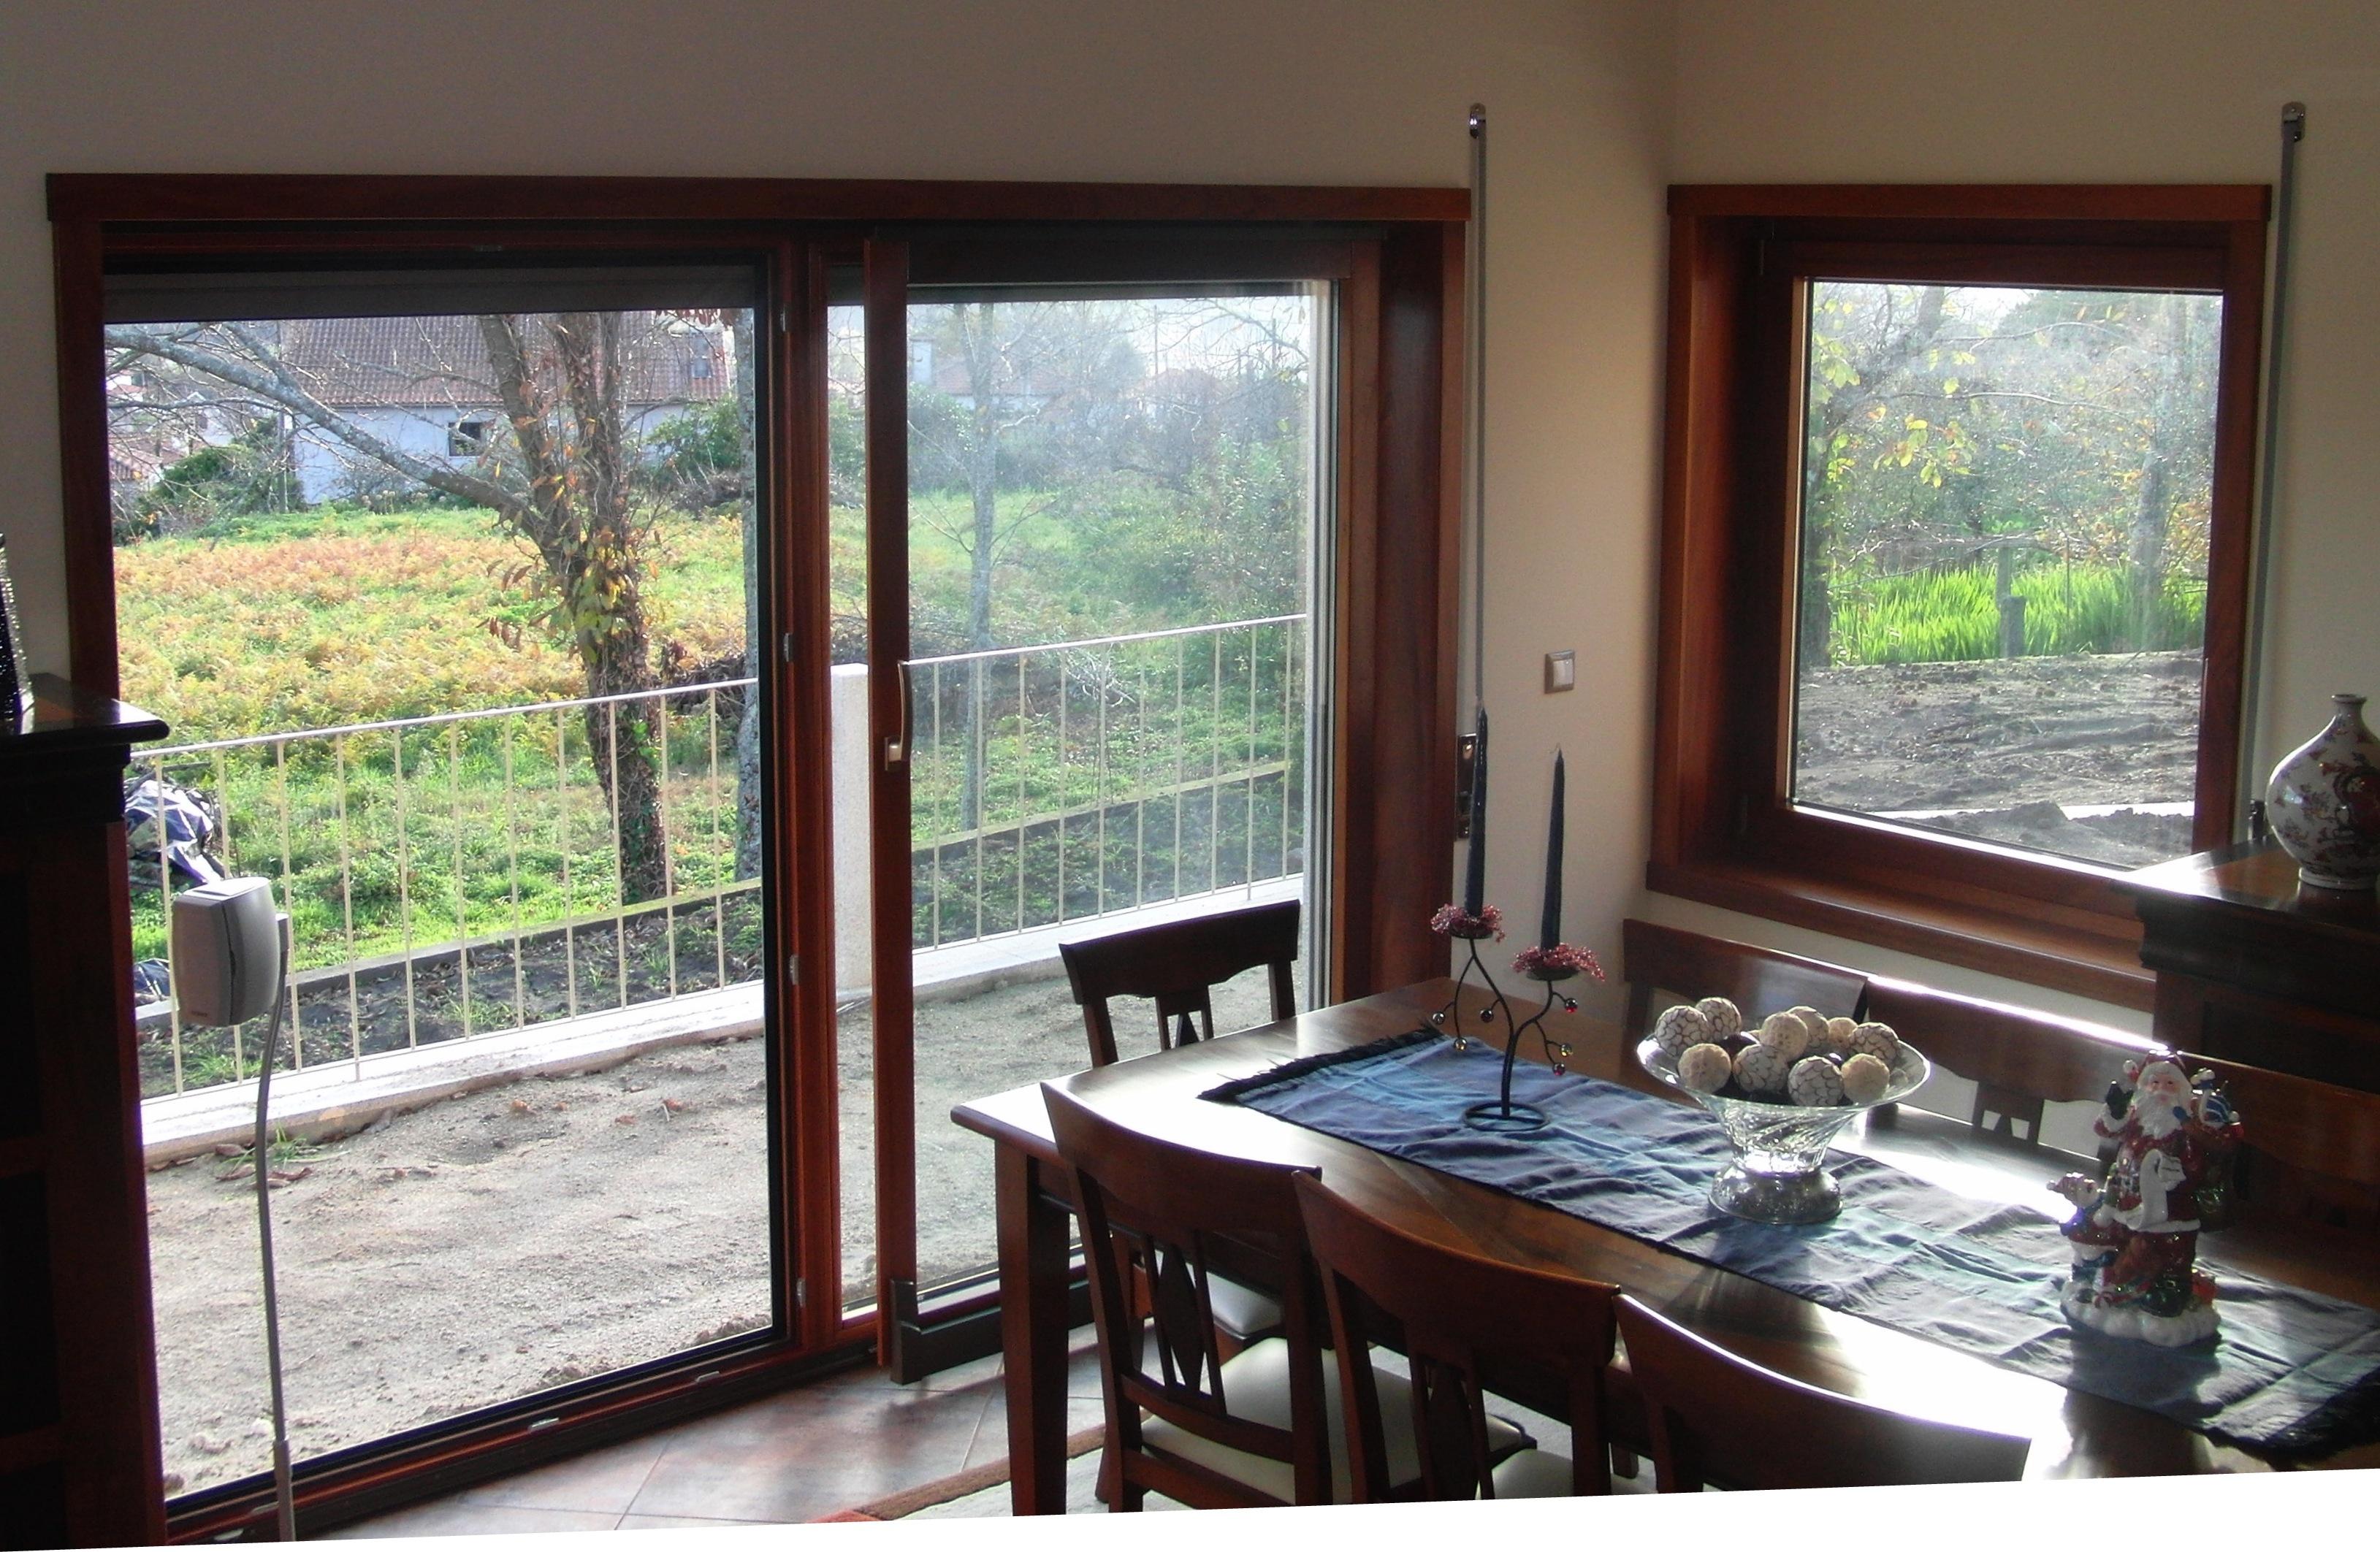 CAIXILHARIA MADEIRA janela em madeira corredora paralela janela  #818744 3258 2125